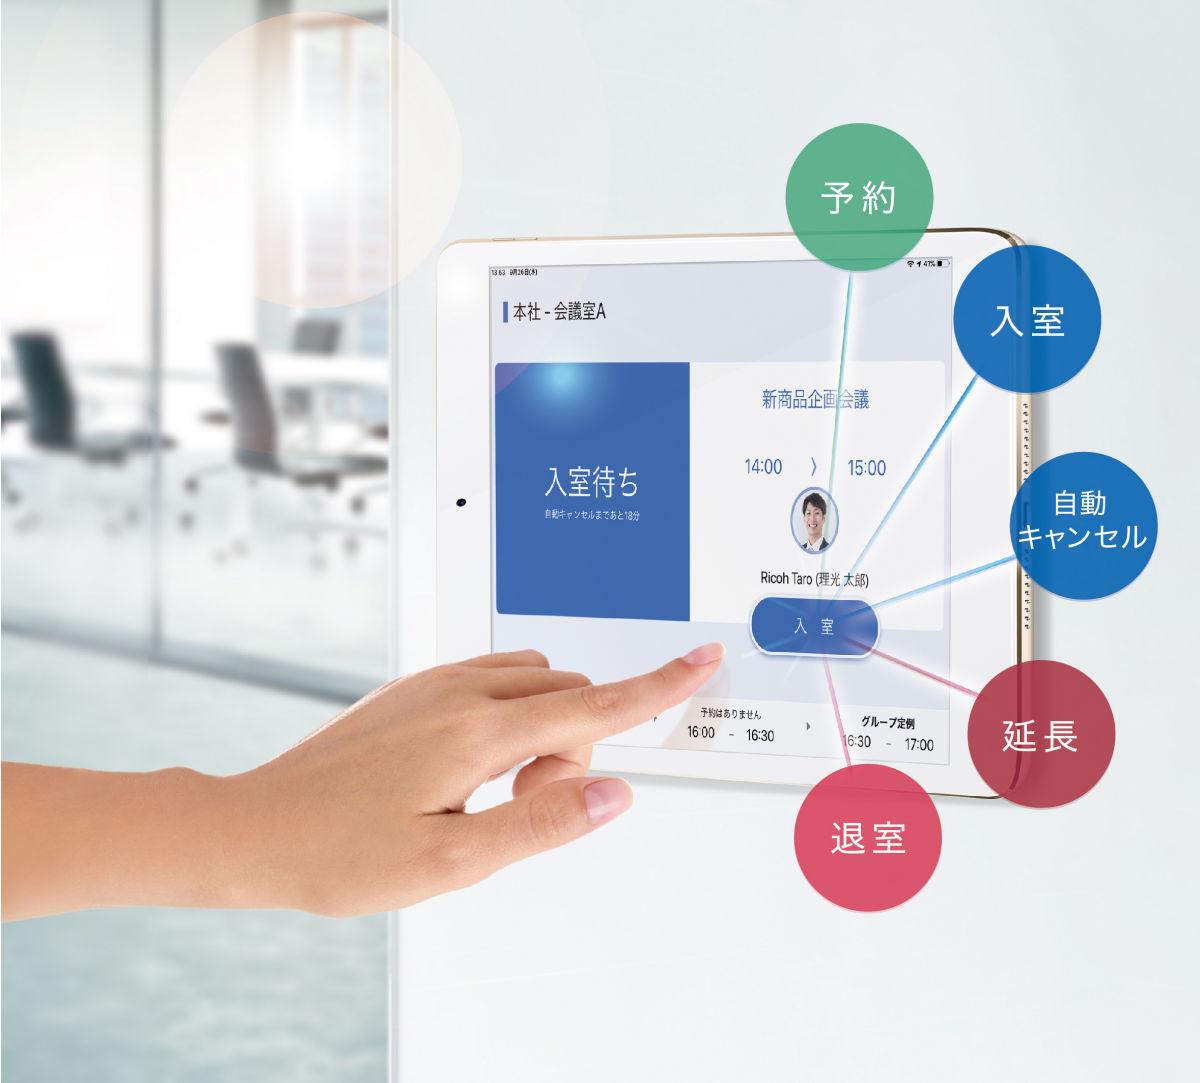 リコー、Office 365と連携可能なクラウド型会議室管理システム